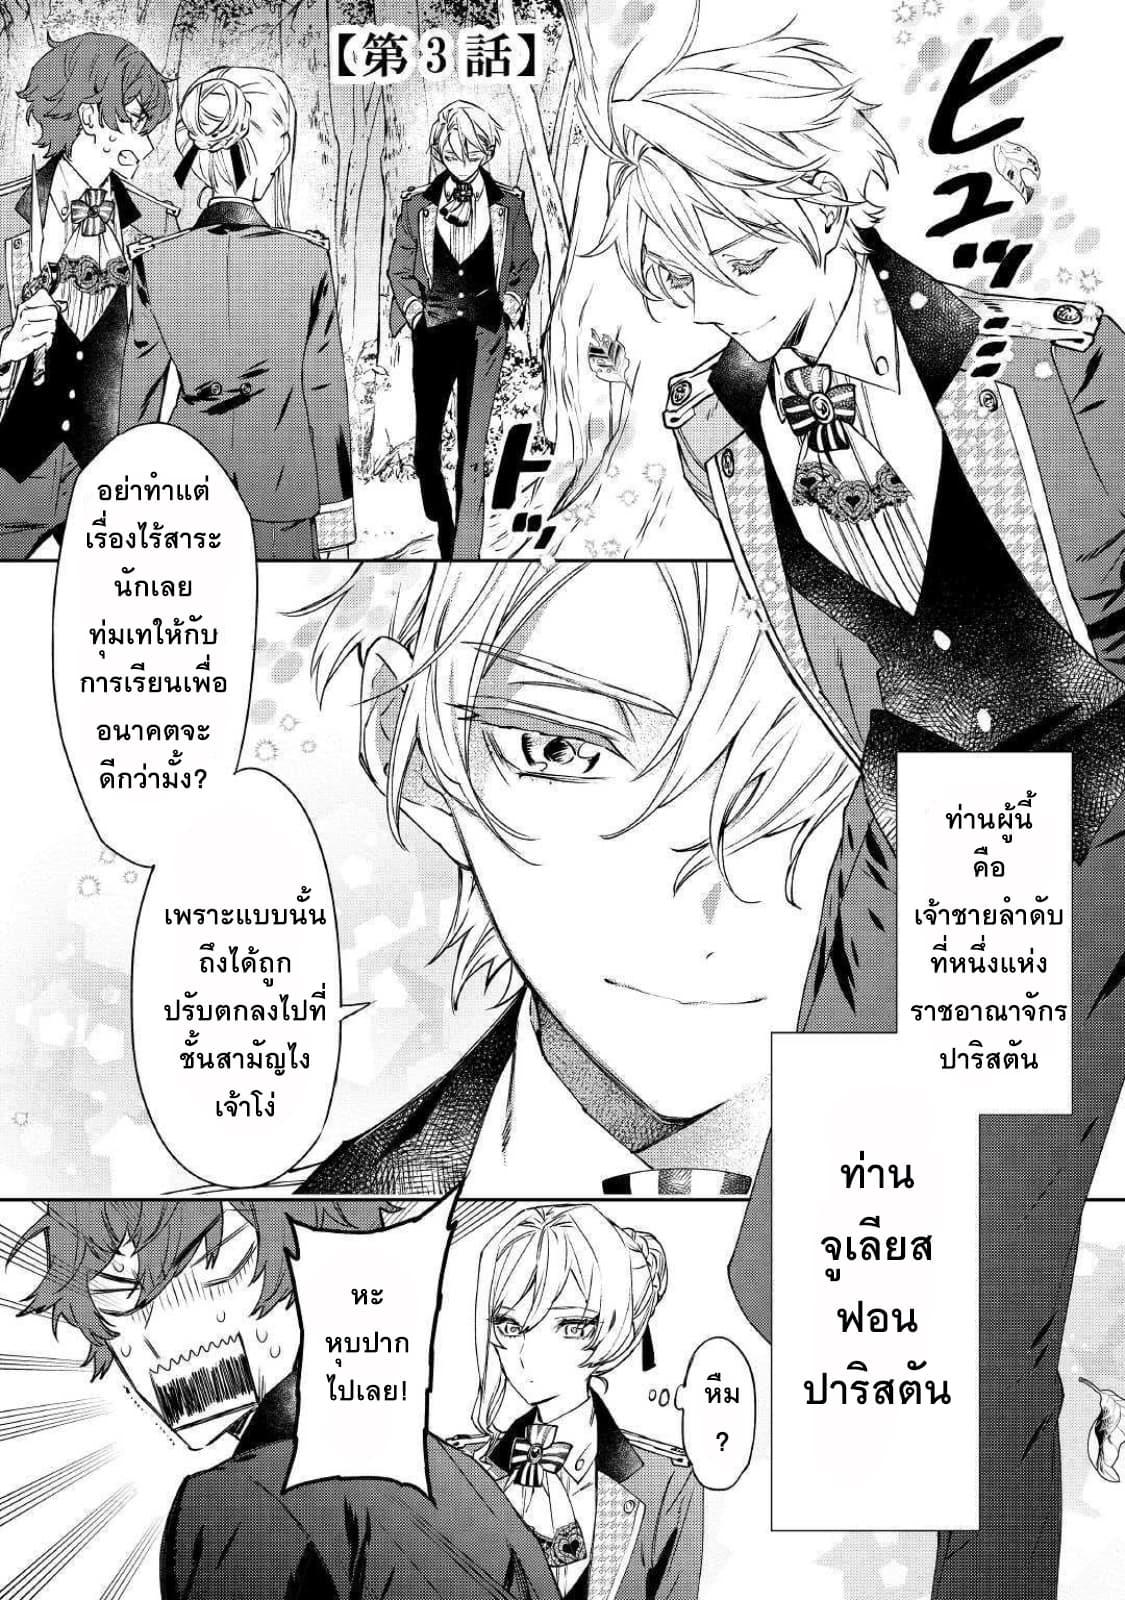 อ่านการ์ตูน Saigo ni Hitotsu Dake Onengai Shitemo Yoroshii Deshouka ตอนที่ 3 หน้าที่ 1